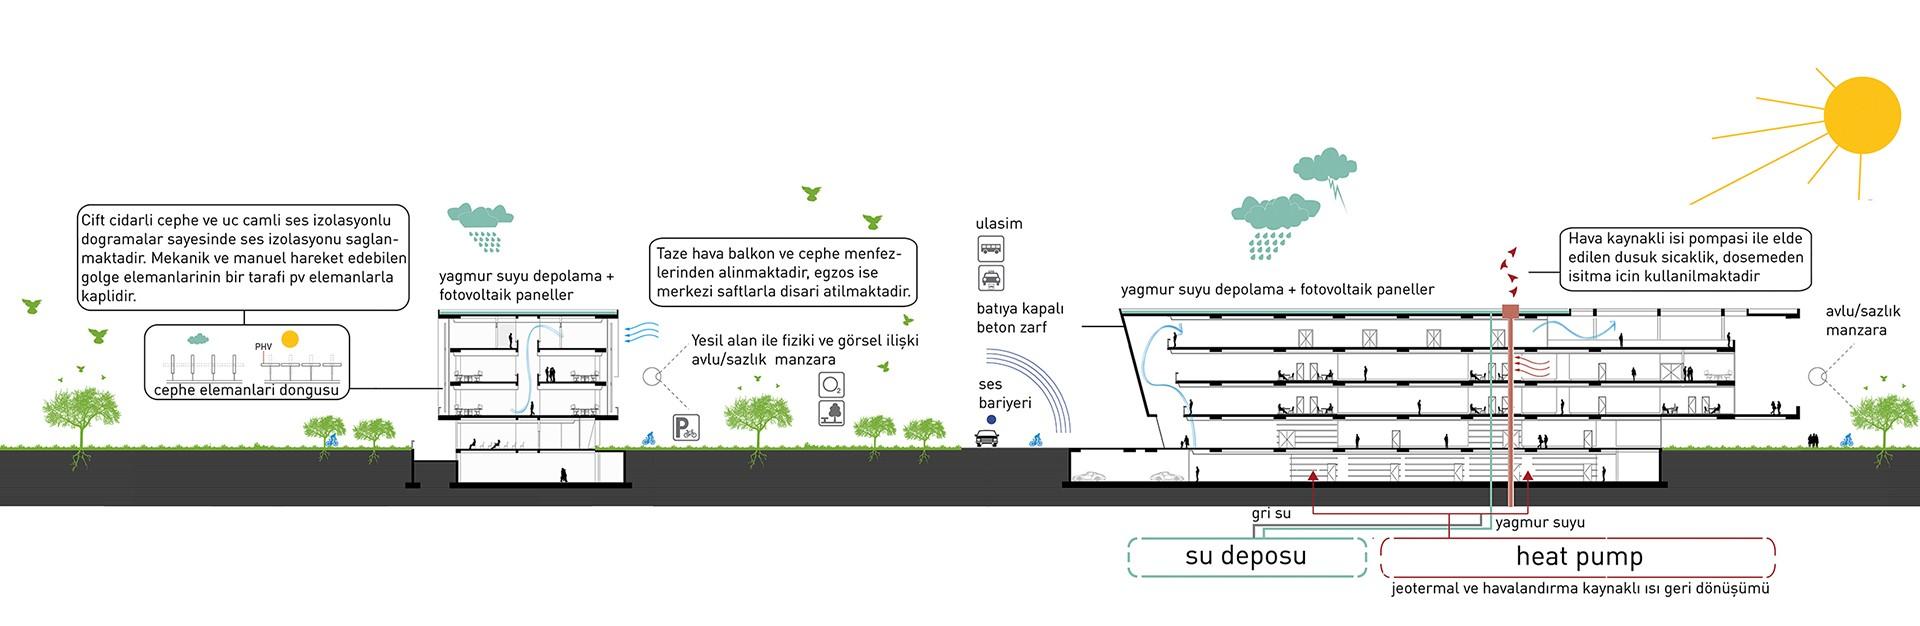 diyagram 3